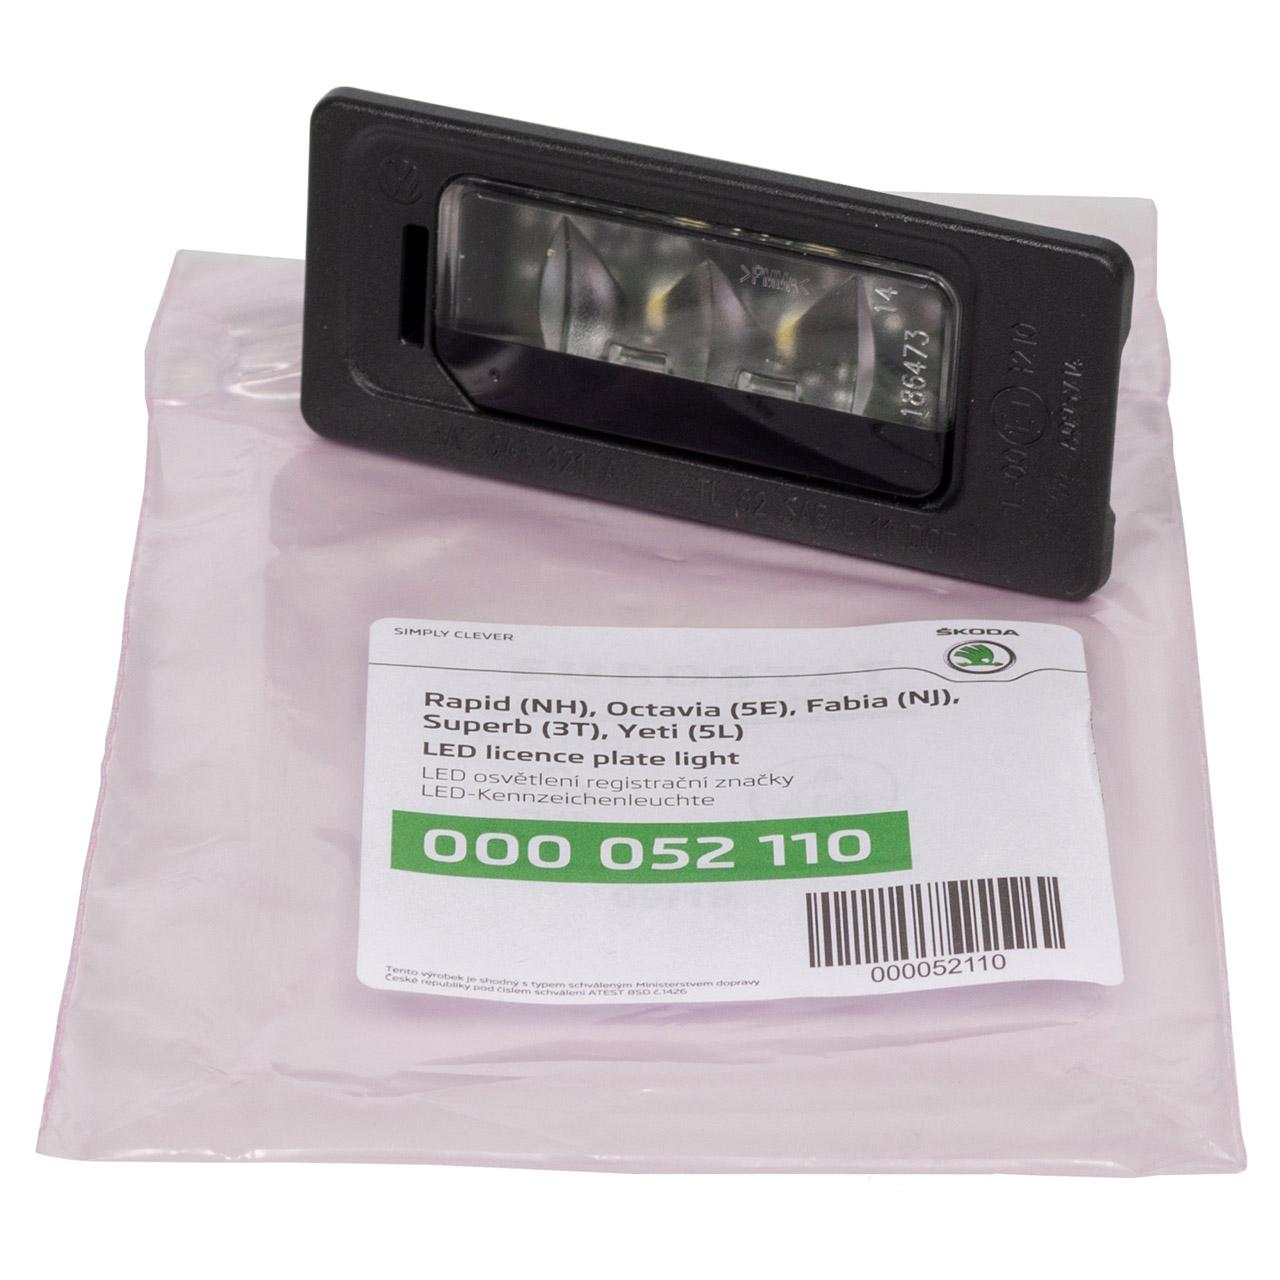 ORIGINAL Skoda Kennzeichenleuchte LED Octavia 3 Rapid (NH3) Yeti (5L) 000052110